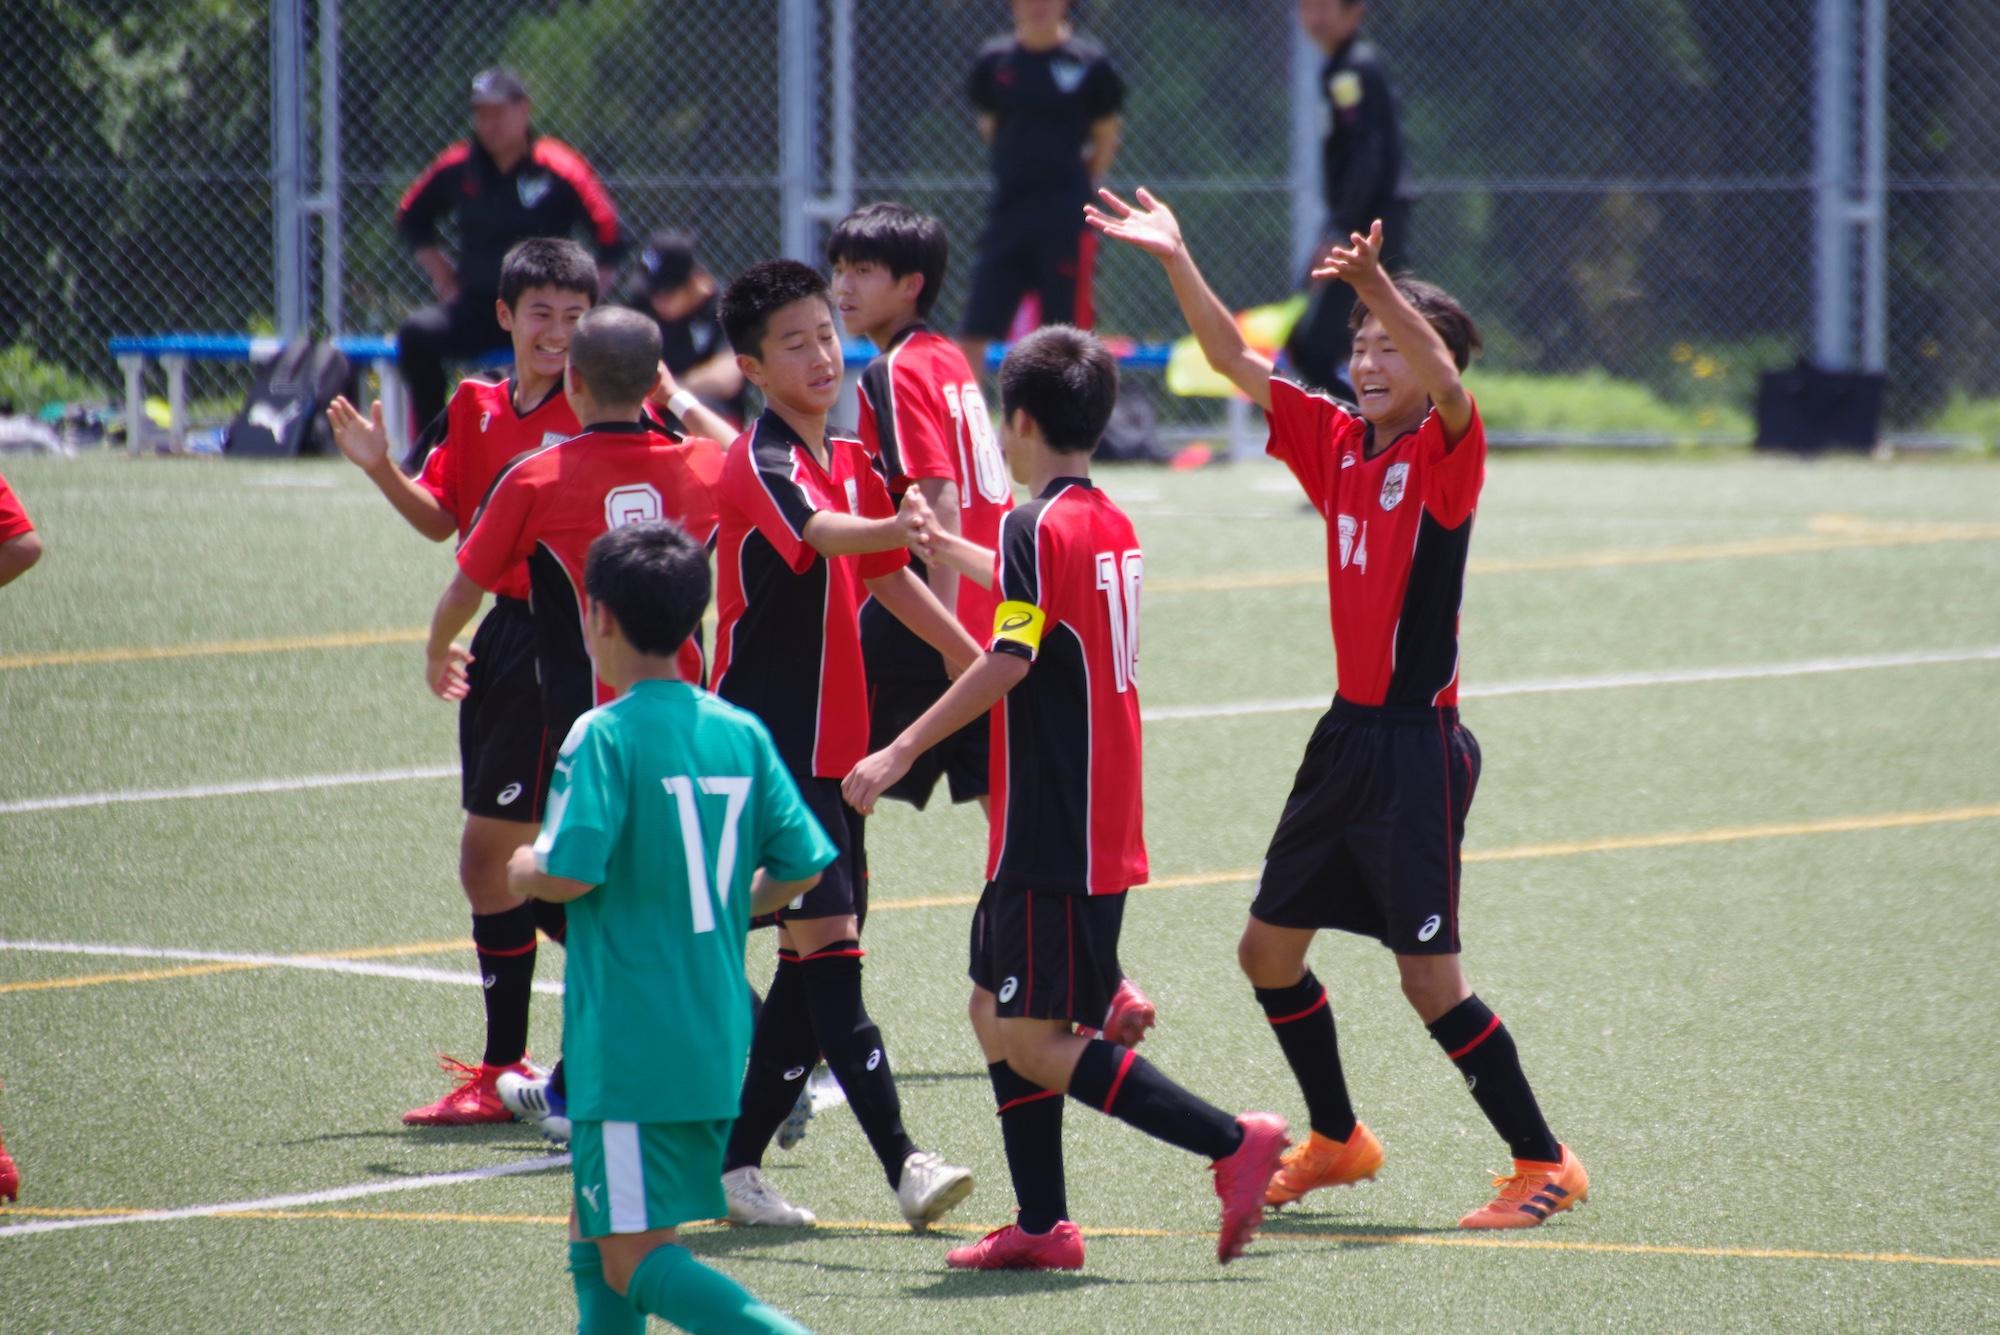 鳥取県クラブユース選手権 U-15大会準決勝 VS ガイナーレ